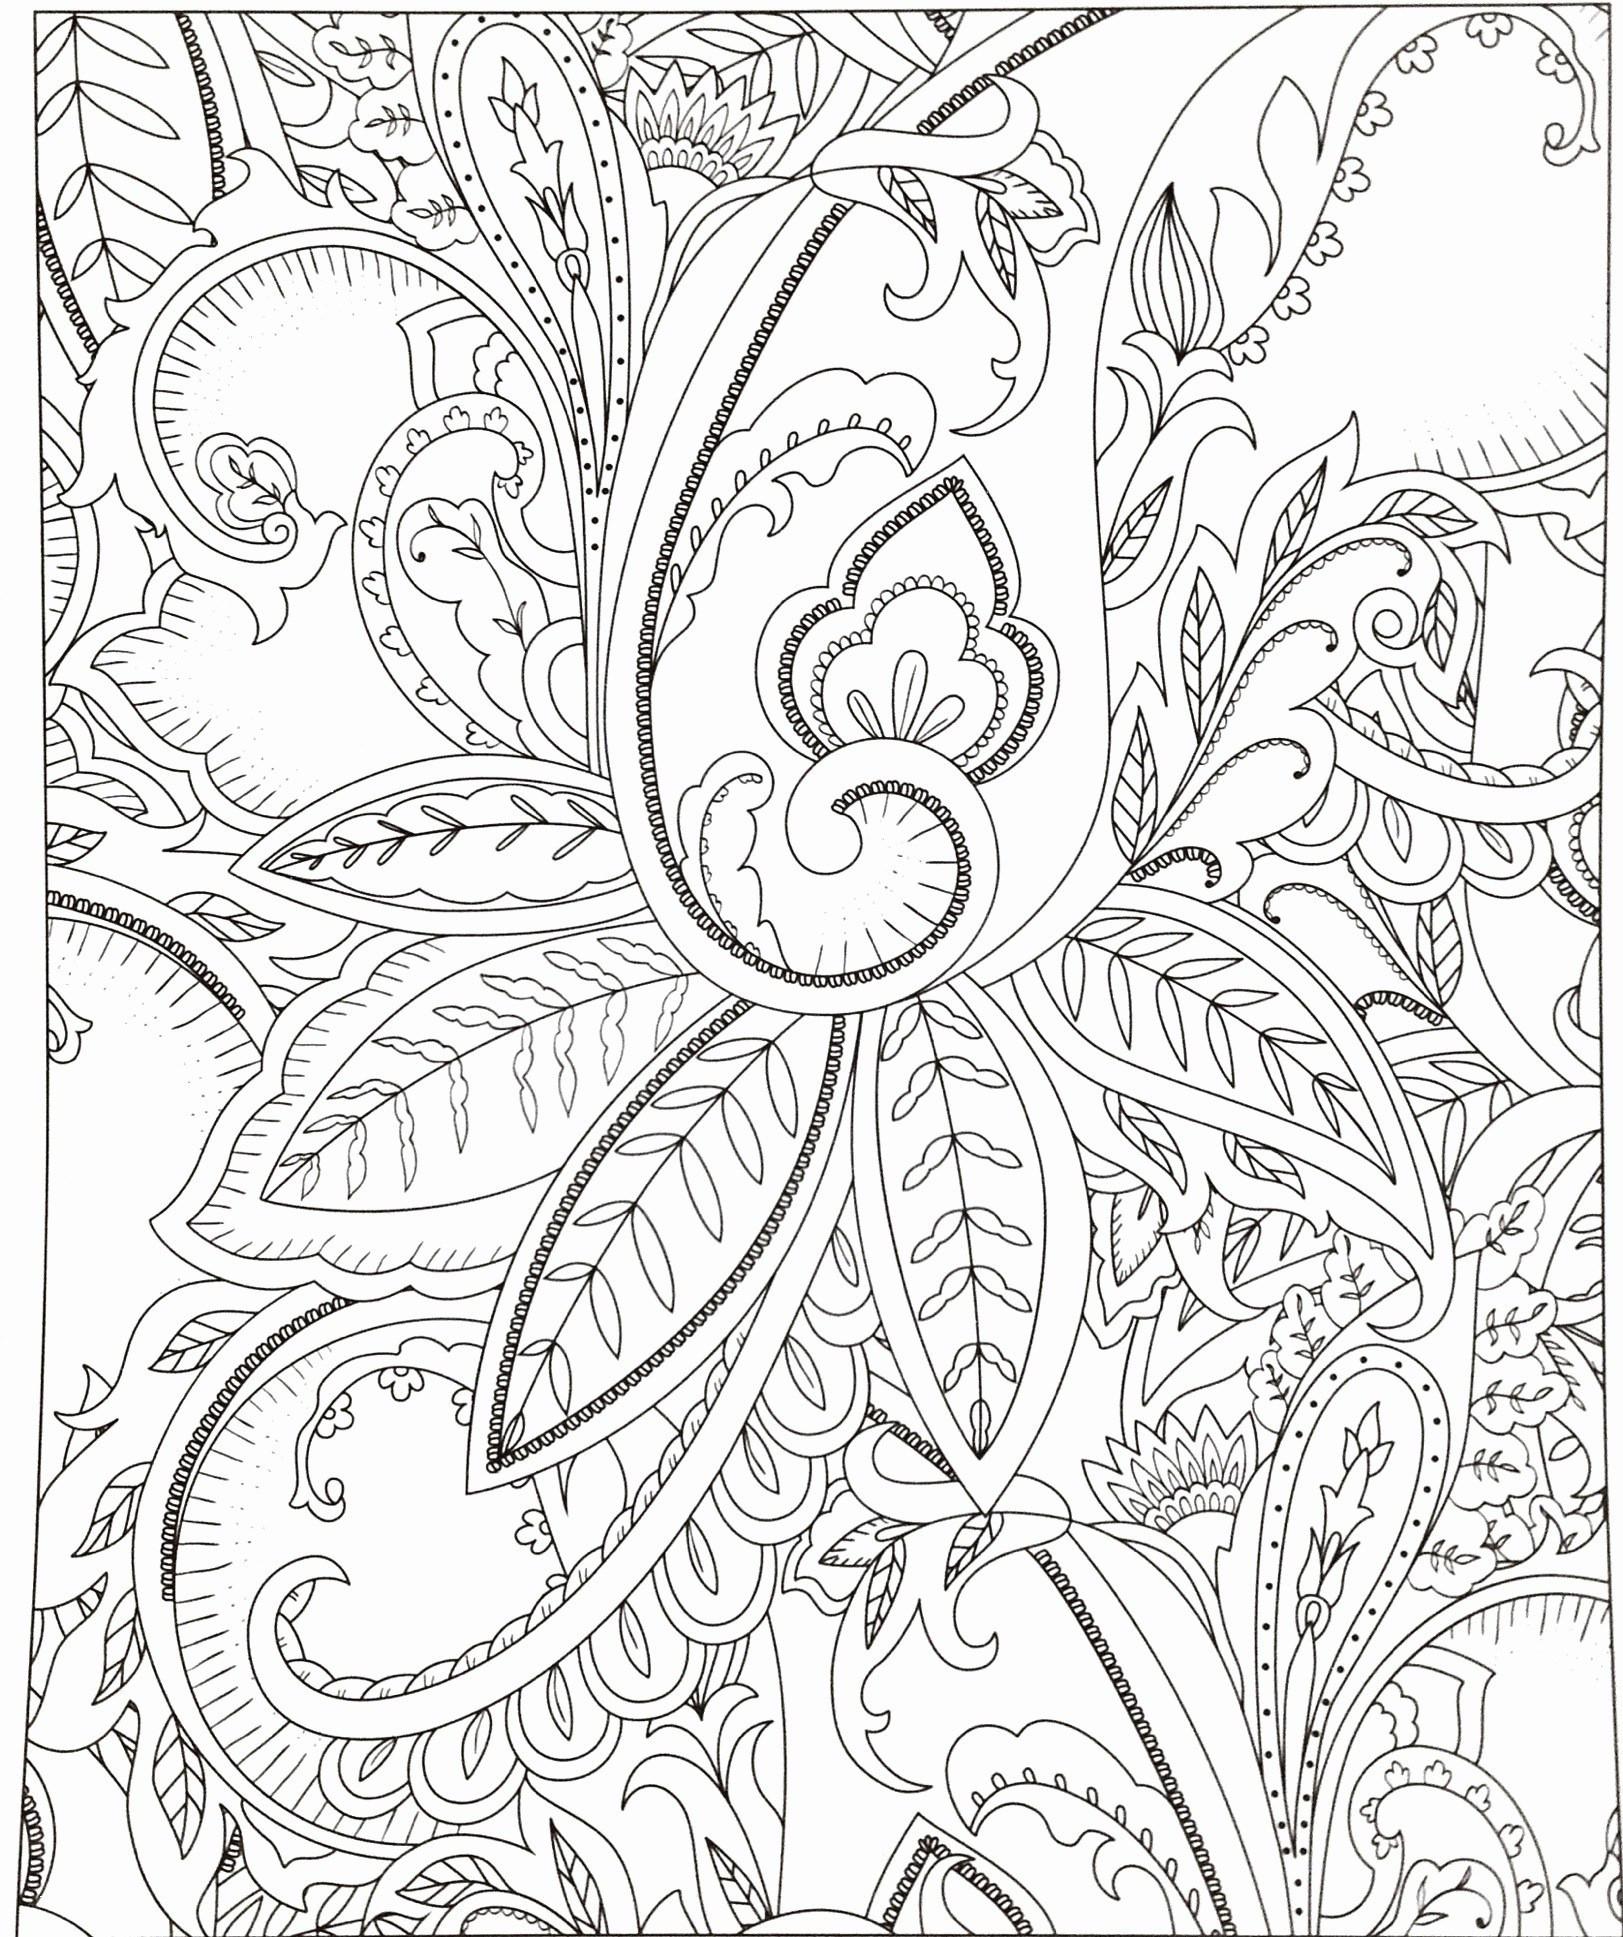 Malvorlagen Blumen Ranken Kostenlos Frisch 40 Ausmalbilder Blumen Scoredatscore Inspirierend Kostenlose Bild